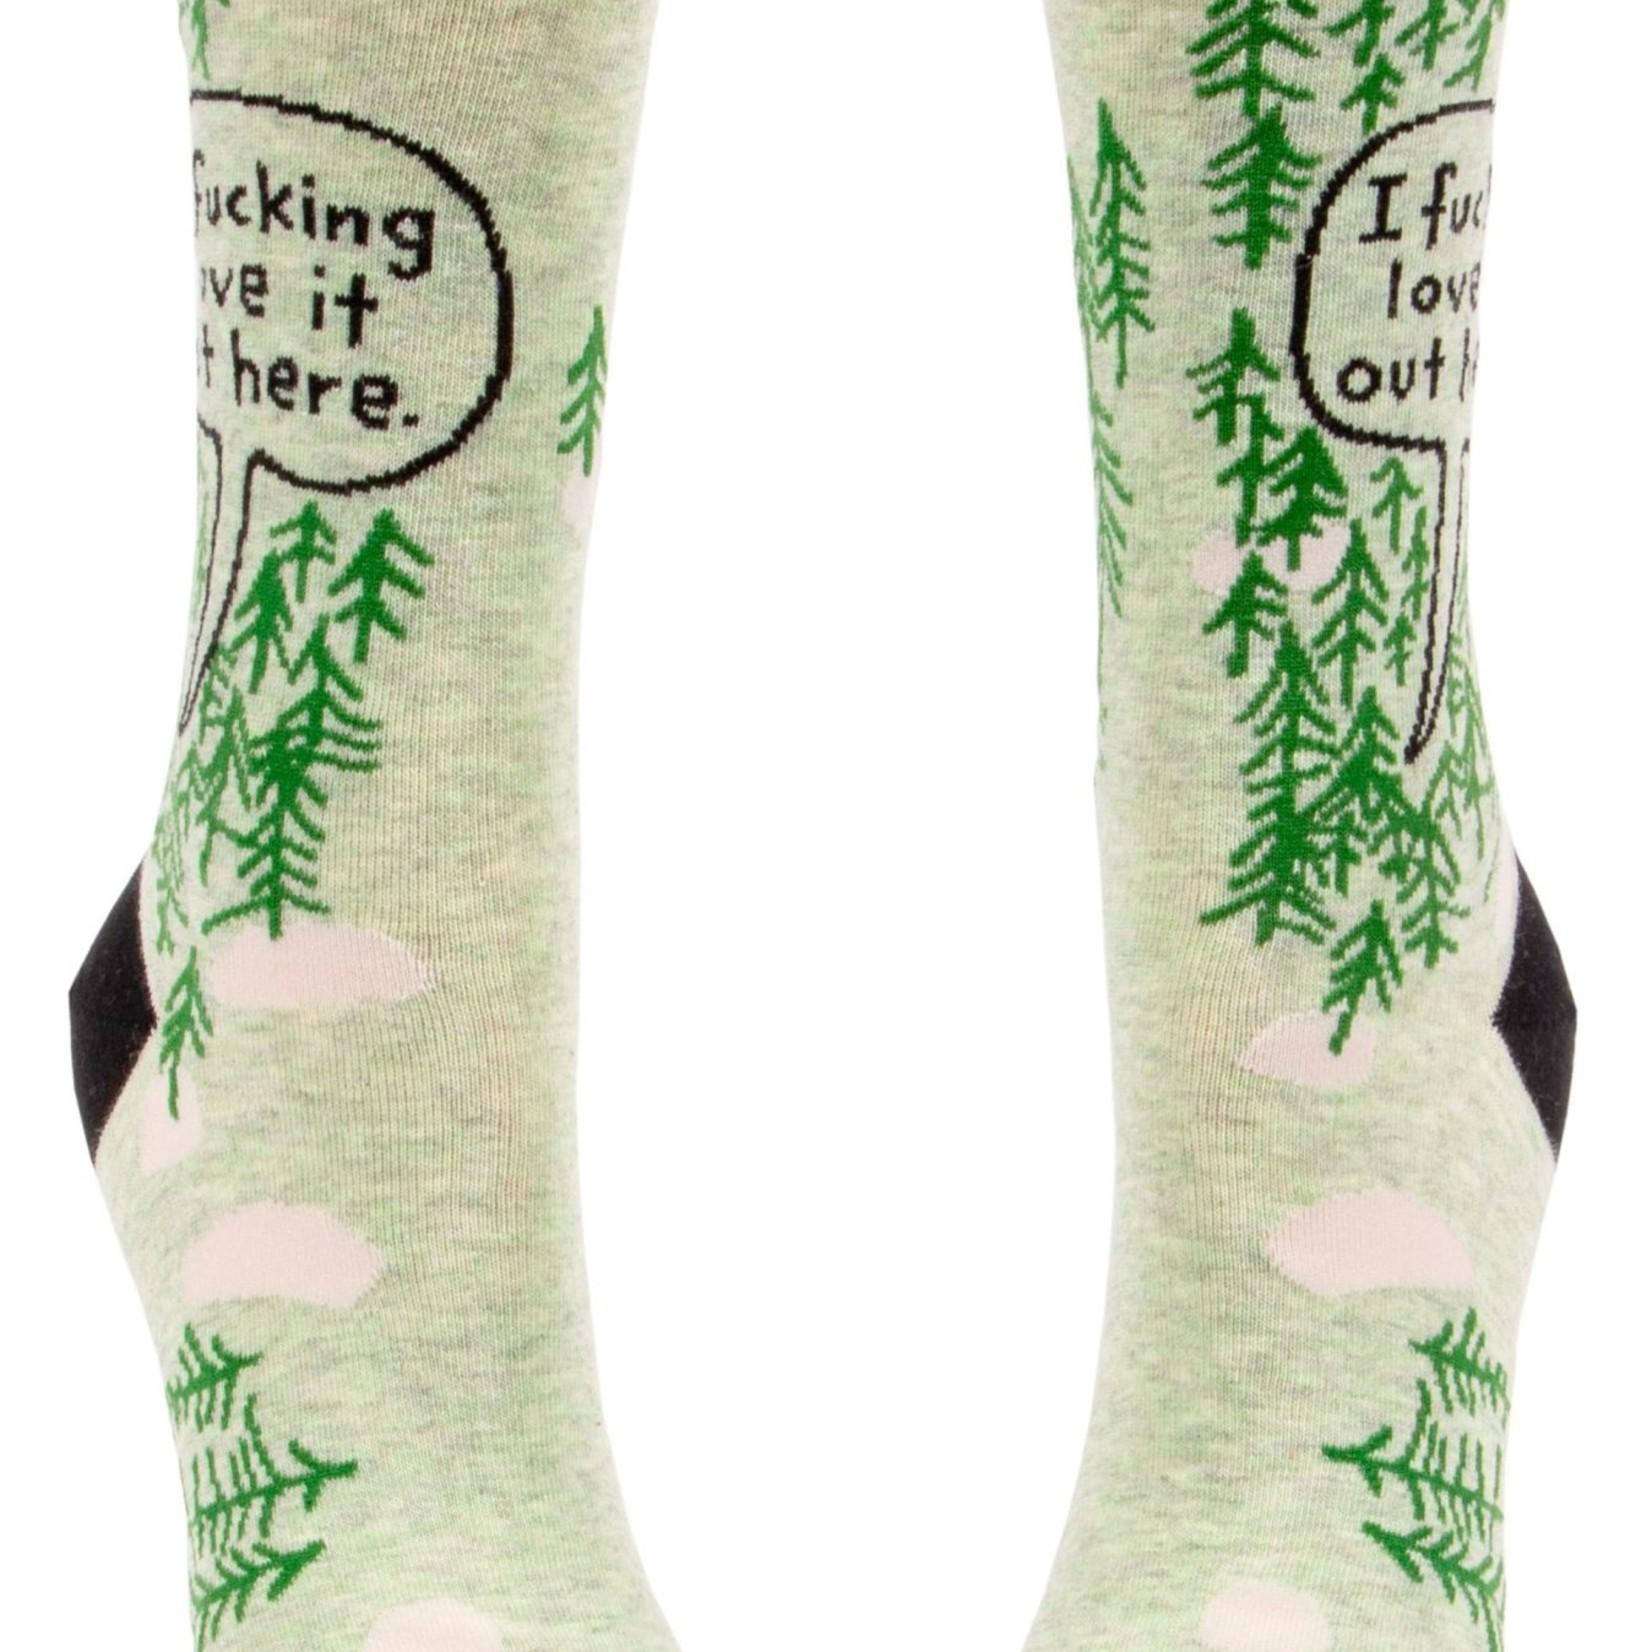 Fucking Love It (Woods) Women's Crew Socks